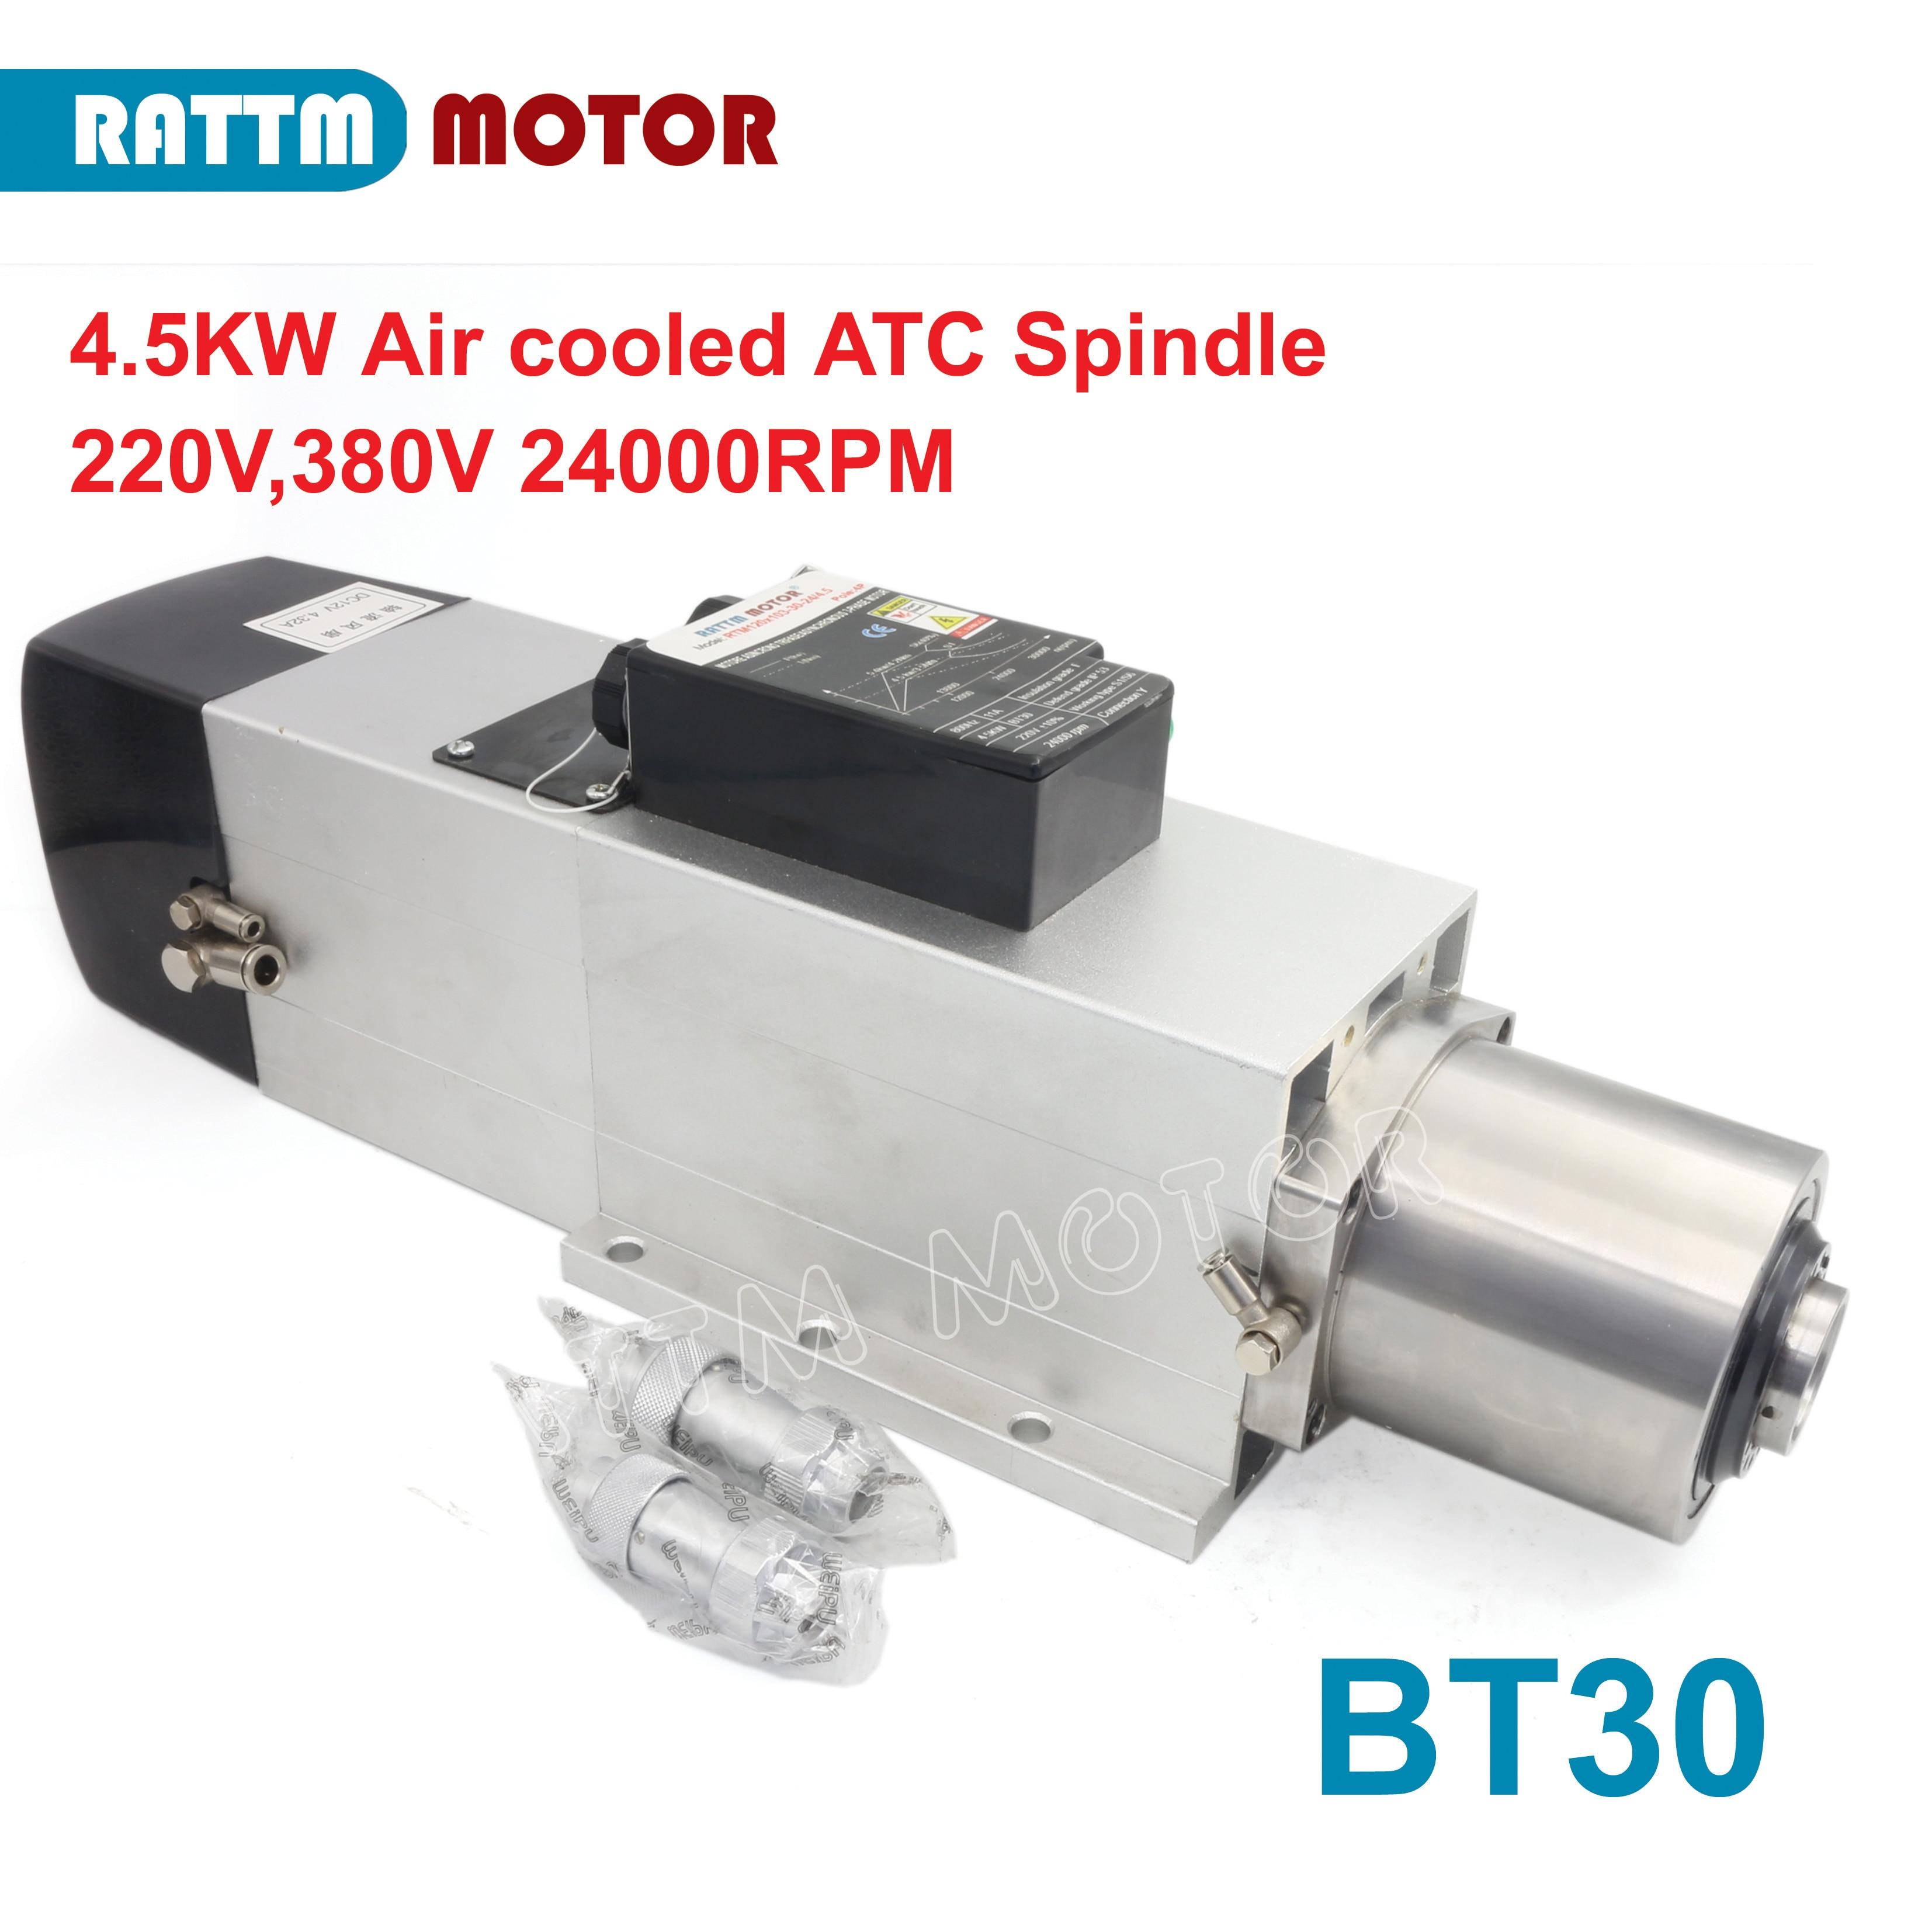 Refrigerado a ar Mudança do Eixo Máquina de Corte de Trituração 220v para Cnc Automático Ferramenta Motor 24000rpm Bt30 380 – Roteador Gravura 4.5kw Atc